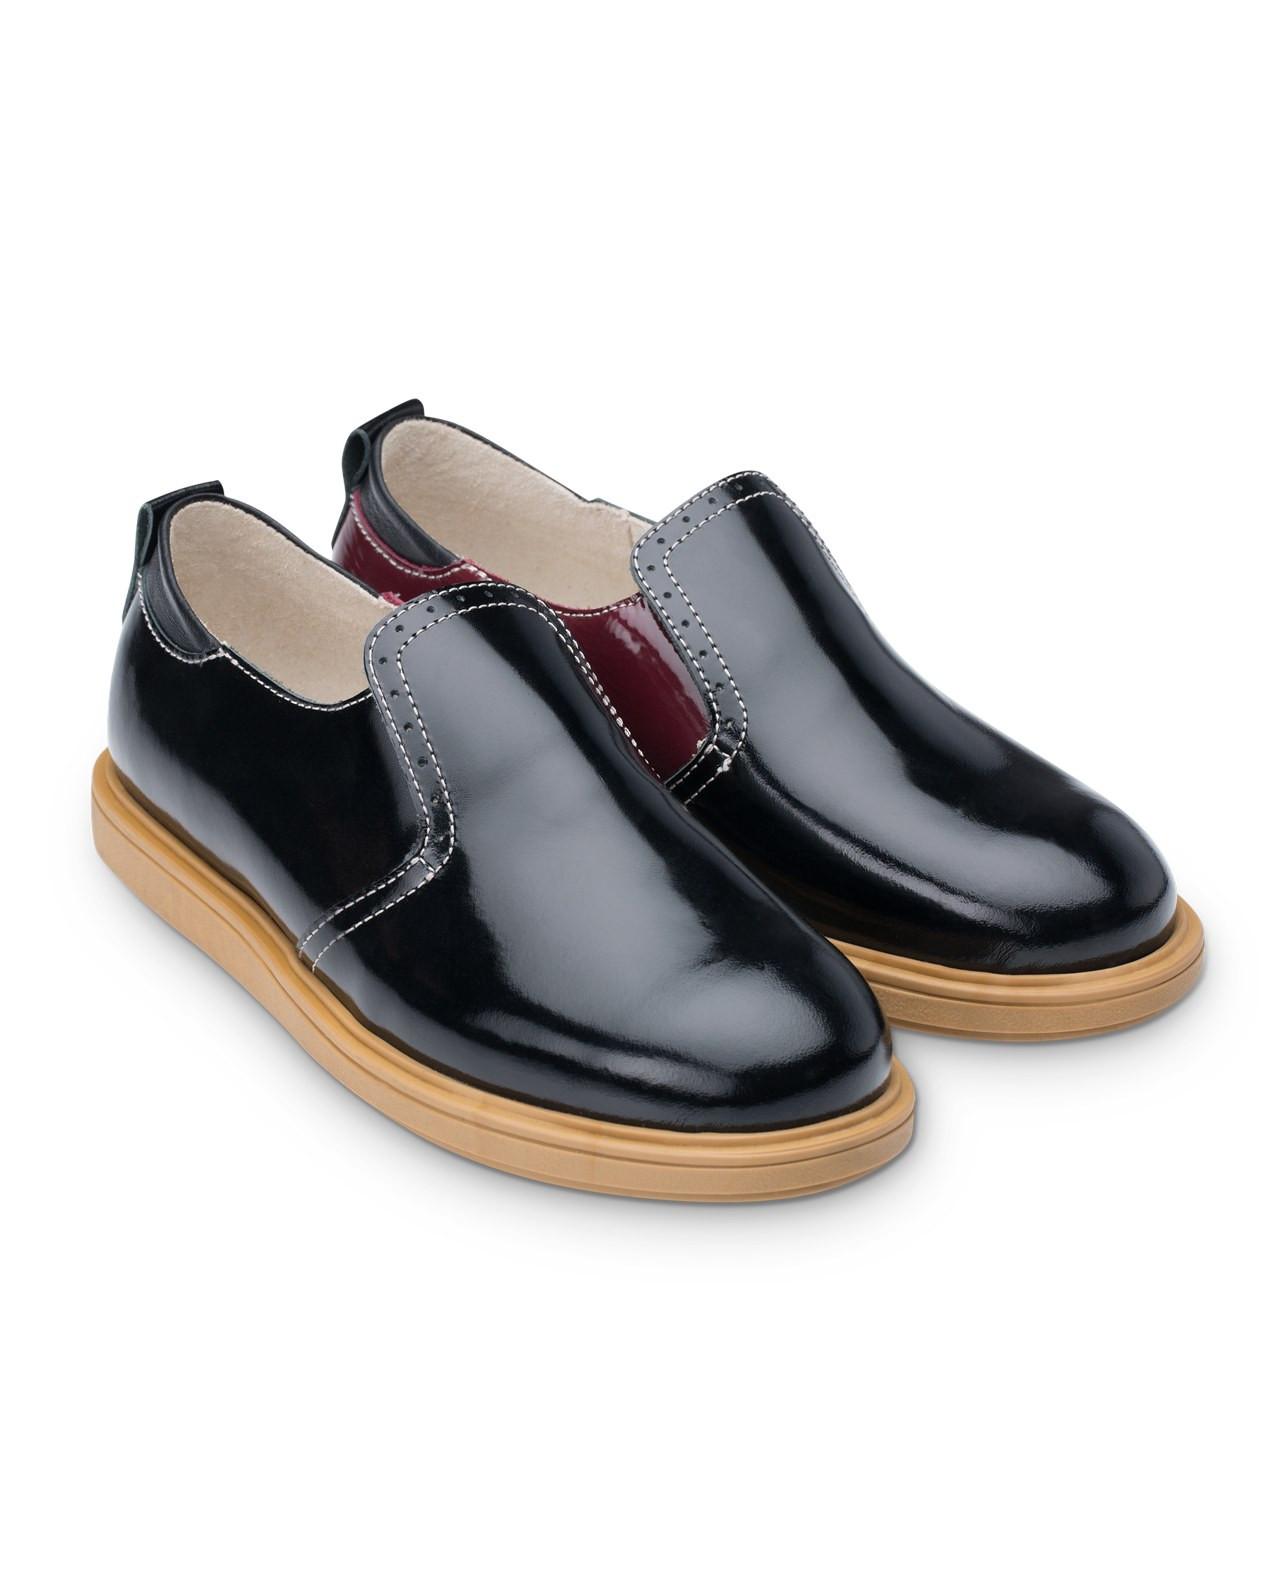 Полуботинки Детские, Tapiboo Твист (44480, 34 )Обувь для школы<br>Классические полуботинки для ежедневной <br>профилактики плоскостопия. Многослойная, <br>анатомическая стелька со сводоподдерживающим <br>элементом для правильного формирования <br>стопы. Благодаря использованию современных <br>внутренних материалов позволяет оптимально <br>распределить нагрузку по всей площади стопы <br>и свести к минимуму ее ударную составляющую. <br>Жесткий фиксирующий задник надежно стабилизирует <br>голеностопный сустав во время ходьбы. Упругая, <br>умеренно-эластичная подошва, имеющая перекат <br>позволяющий повторить естественное движение <br>стопы при ходьбе для правильного распределения <br>нагрузки на опорно-двигательный аппарат <br>ребенка. Подкладка из натуральной кожи <br>обладает мягкостью и природной способностью <br>пропускать воздух для создания оптимального <br>температурного режима (нога не потеет).<br>Размер INT: M; Цвет: Красный; Ширина: 100; Высота: 200; Вес: 1000;